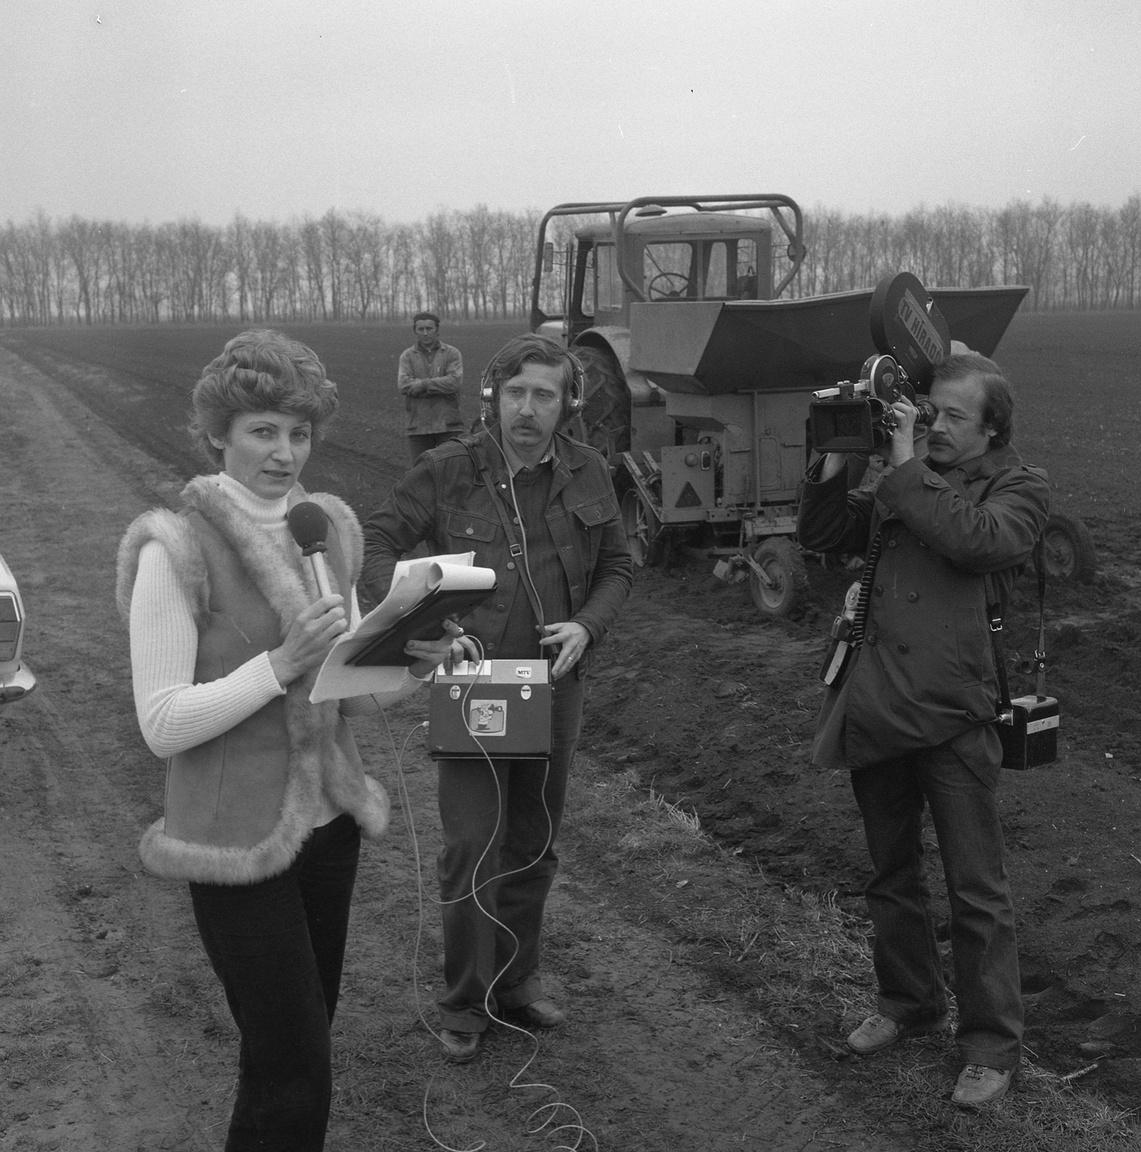 """A Magyar Televízió Híradójának készül tudósítás a makói hagymakutatás aktuális fejleményeiről 1981 tavaszán. Az erőszakos kollektivizálás válsága után ez felívelő reformidőszak. Addigra odáig jutottak, hogy a téeszekben """"sok helyen a hagymatáblák jó része öles gyomban éri meg a szedés idejét"""". Hogy ez megváltozzon, abban nagy szerepe volt a reformer agrárlobbinak, főleg a személyesen is makói hagymás családból származó, Kert-Magyarországot álmodó Erdei Ferencnek. A háztájizás engedélyezésén kívül az egész termelést újragondoló termelési rendszert csináltak bábolnai mintára, a makói hagymakutatásnak ebben volt kulcsszerepe."""